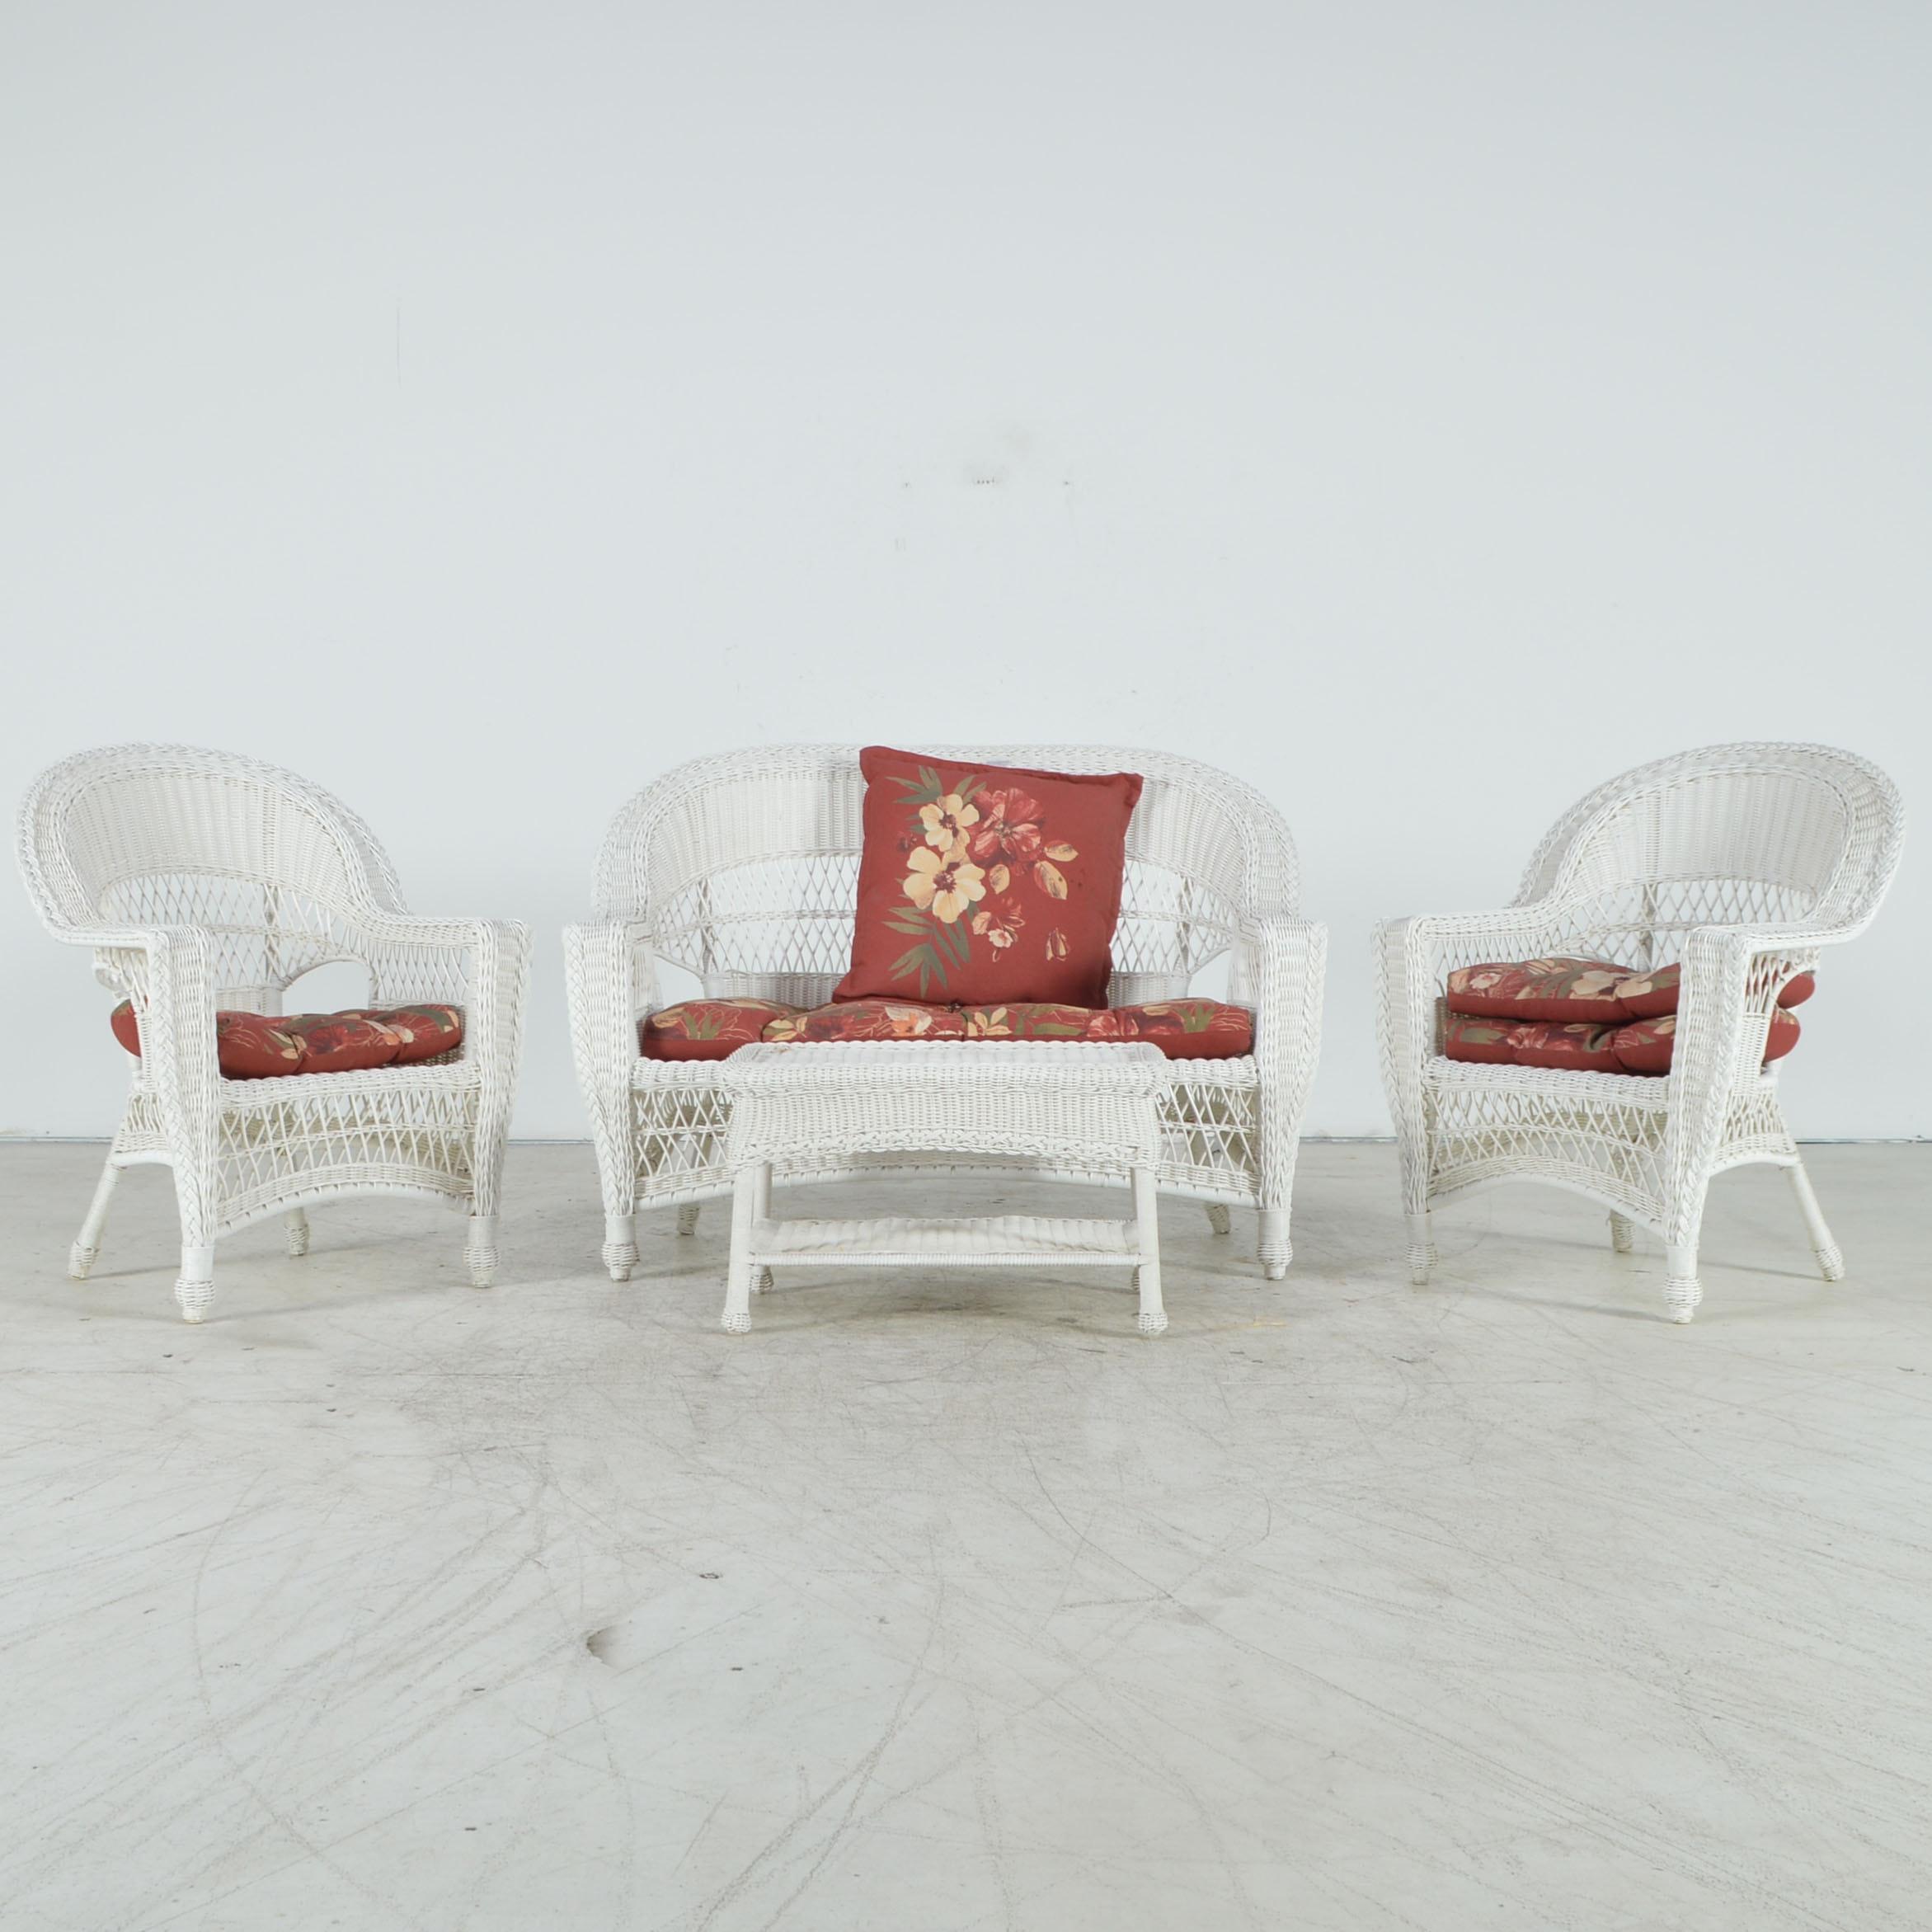 White Wicker Weave Patio Furniture Ebth